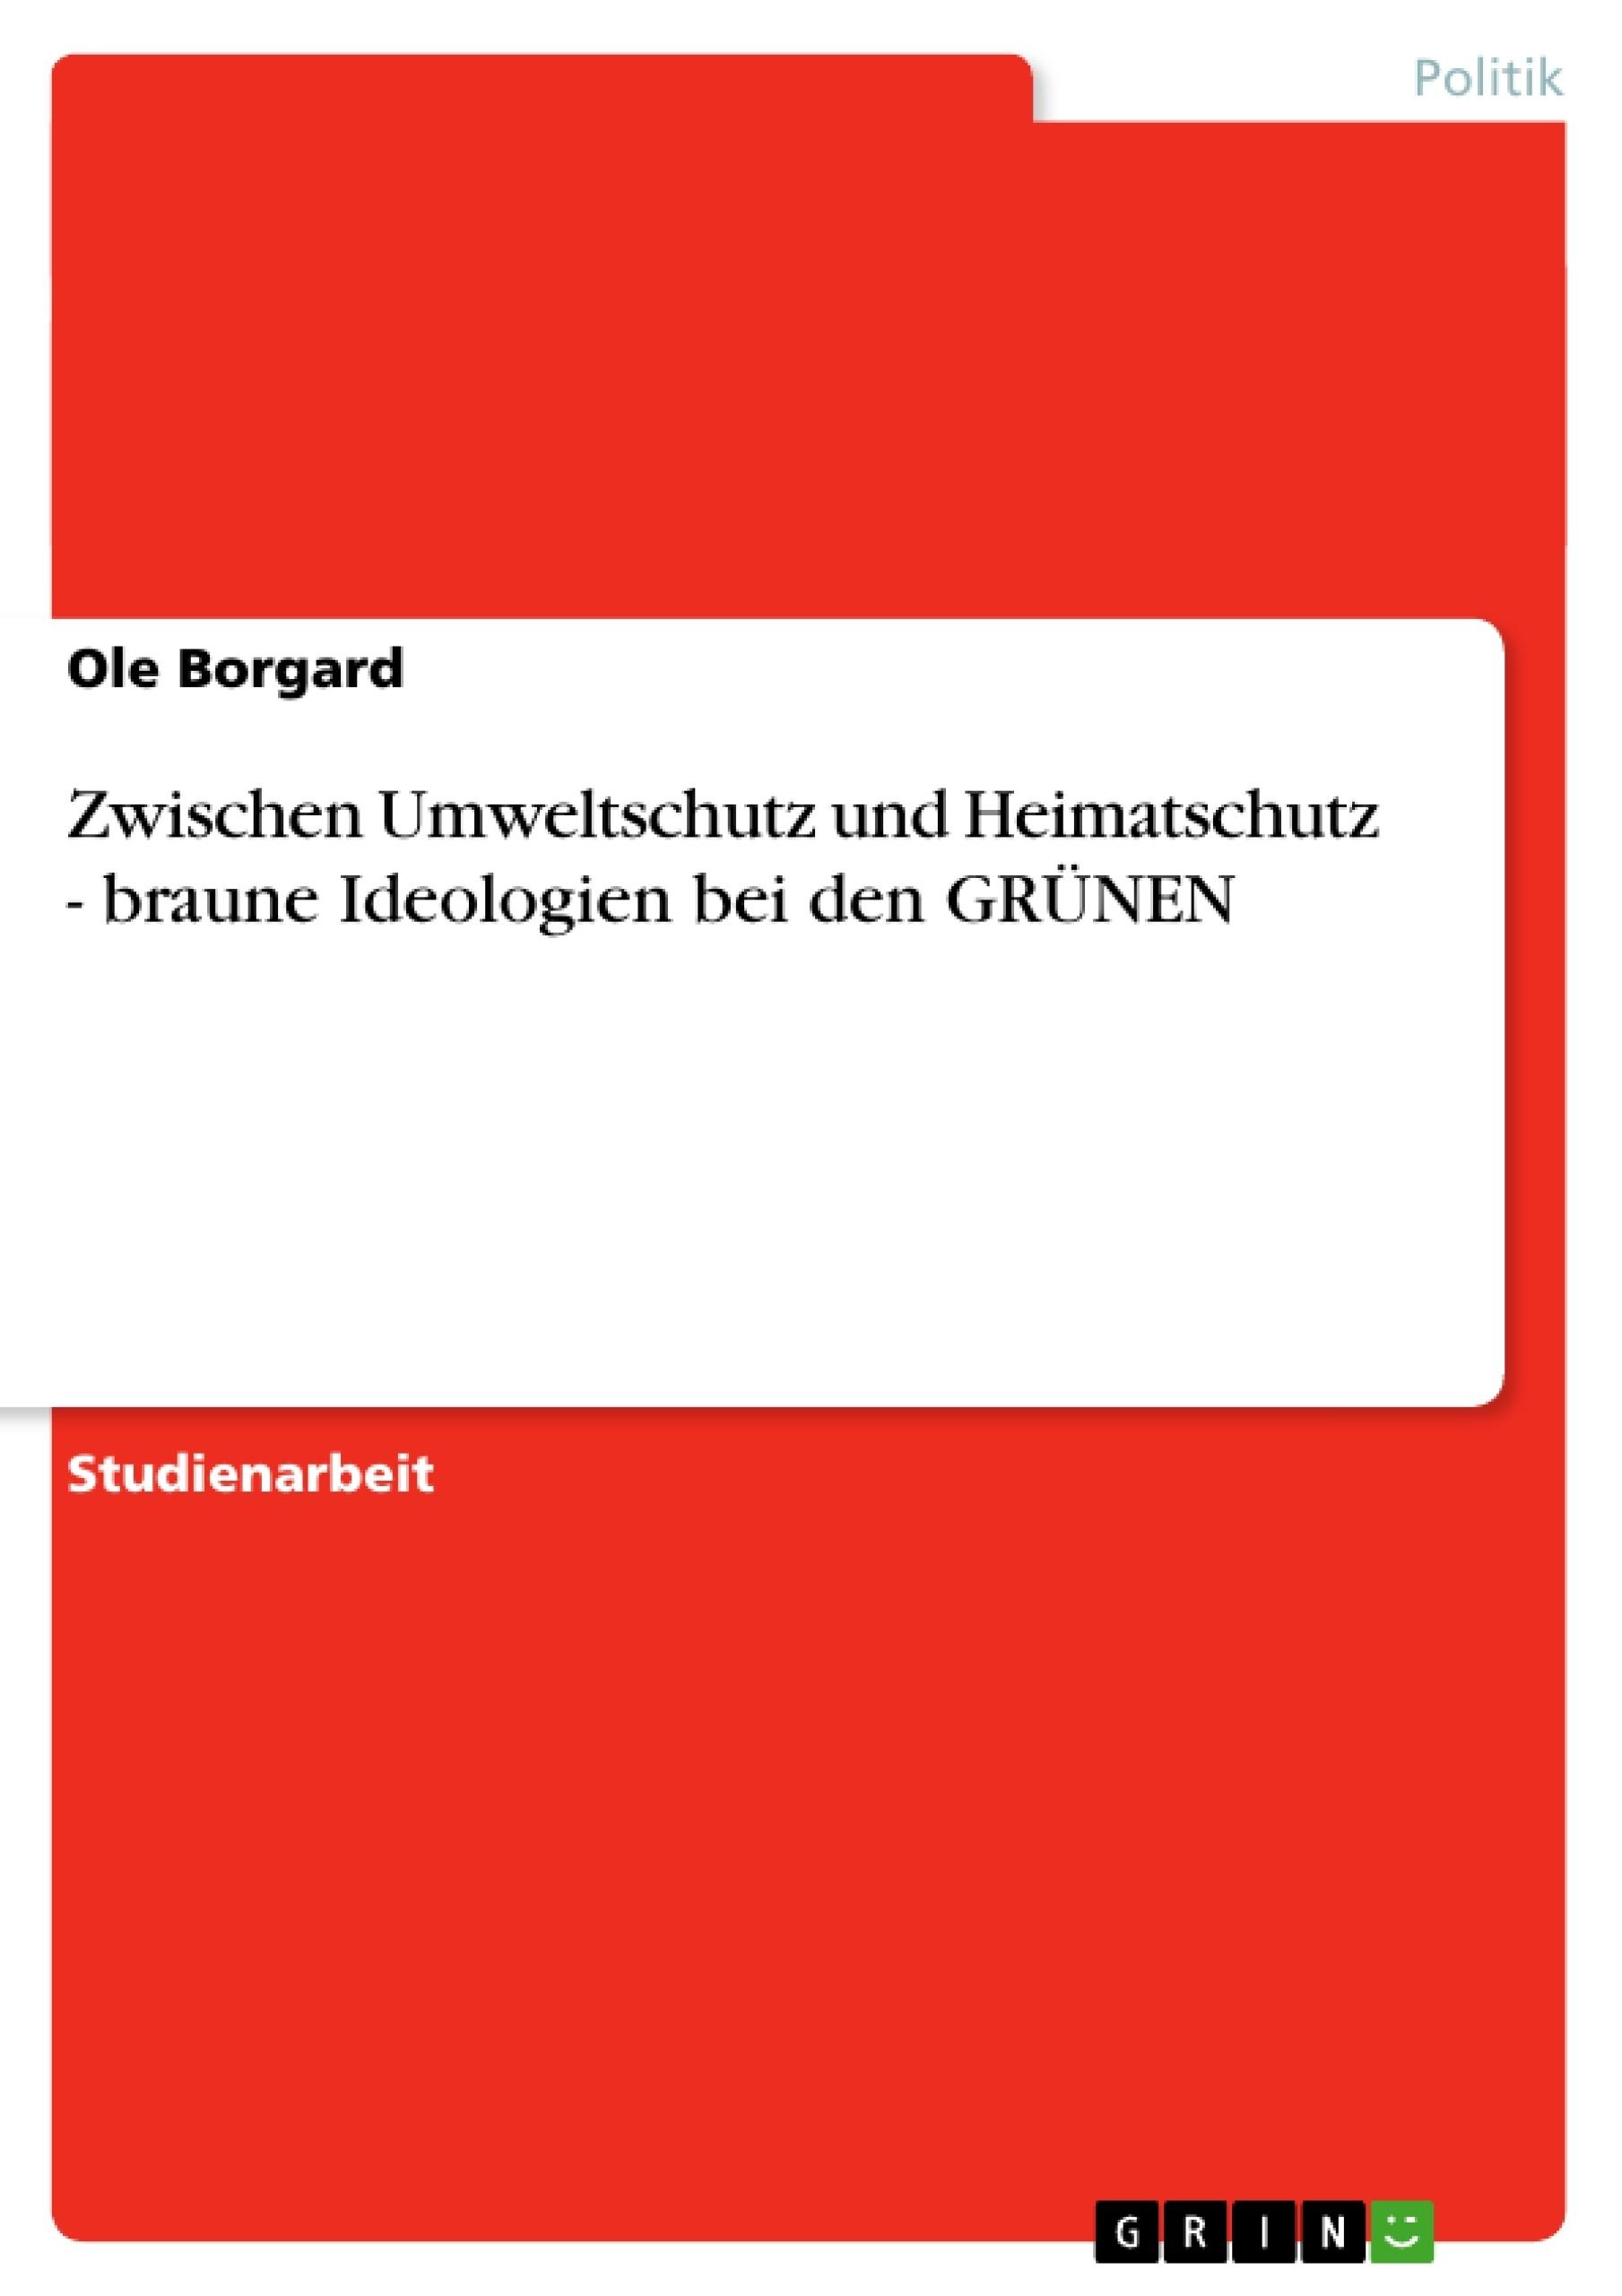 Titel: Zwischen Umweltschutz und Heimatschutz - braune Ideologien bei den GRÜNEN